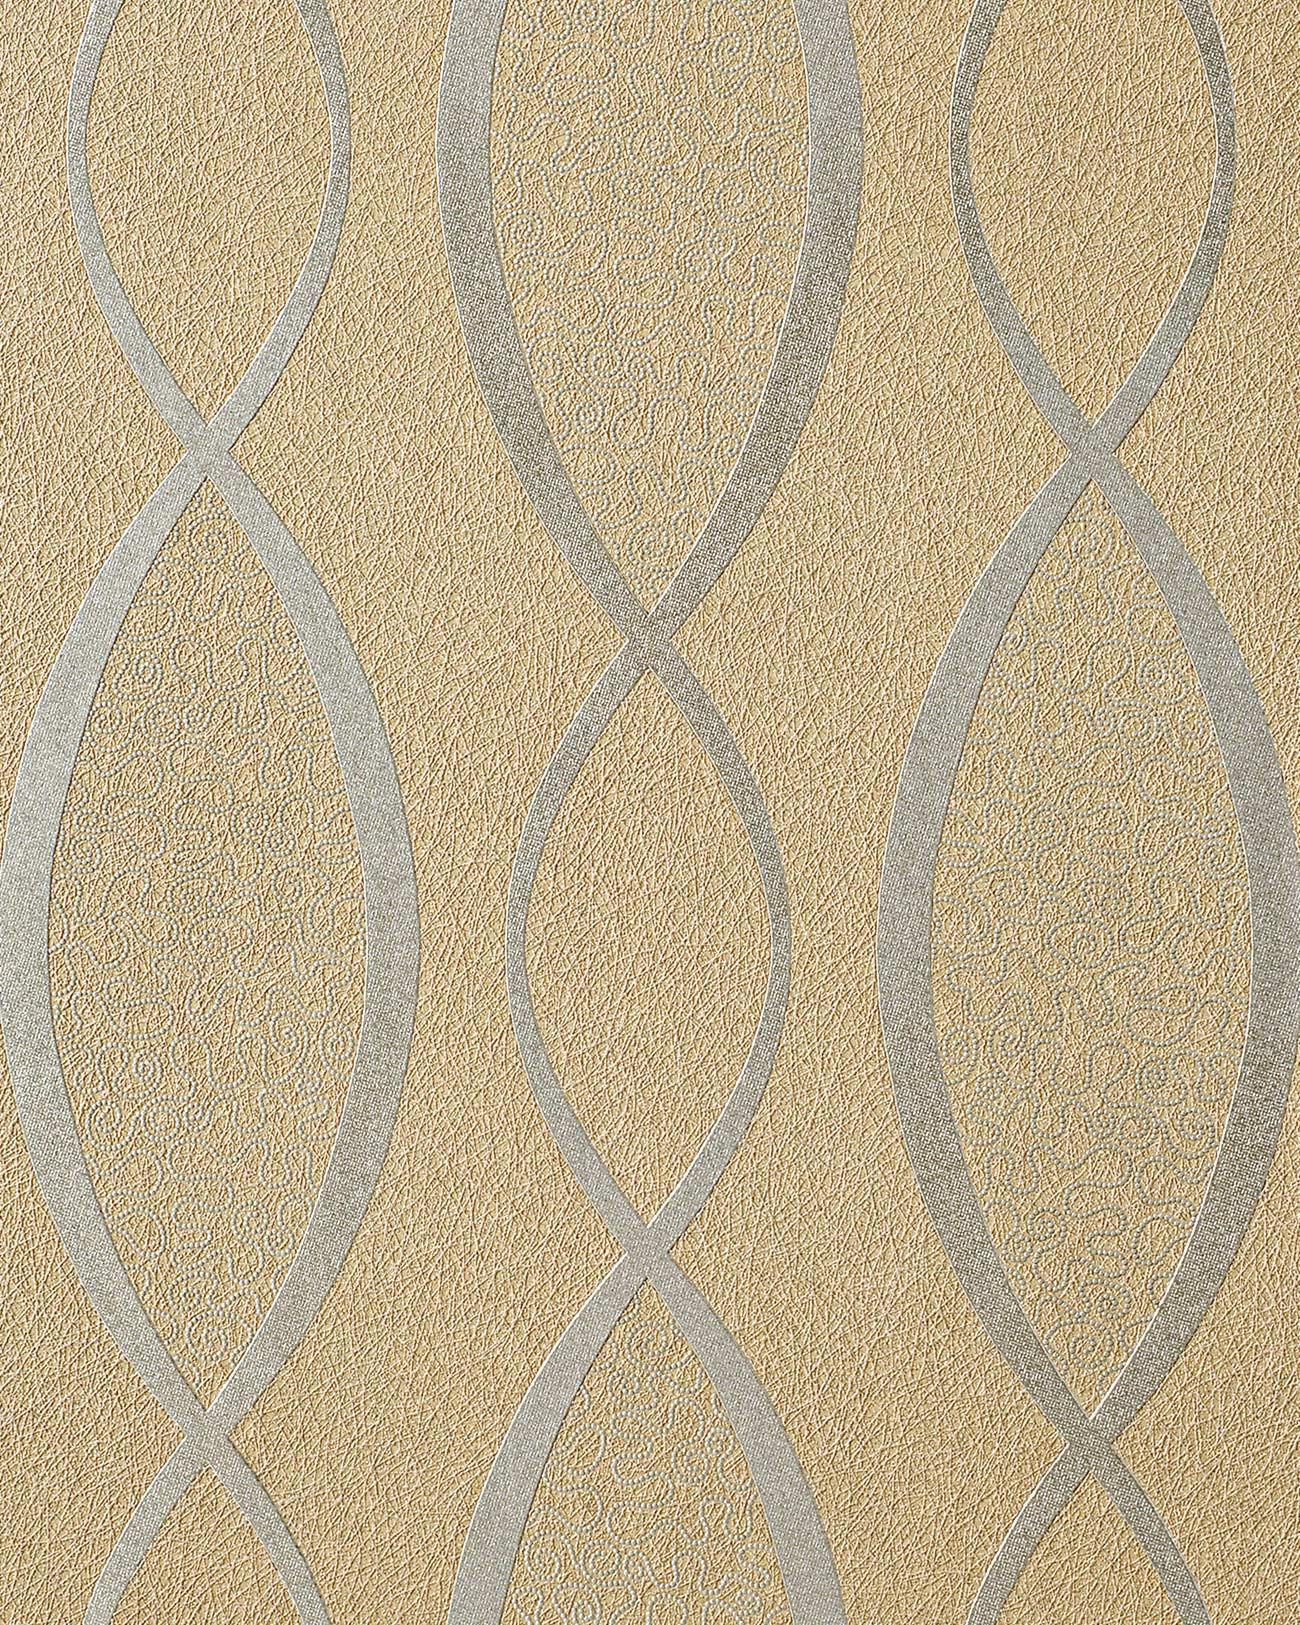 edem 1018 13 tapete geschwungene designer linien 70er retro style 5 33 qm original edem braun. Black Bedroom Furniture Sets. Home Design Ideas